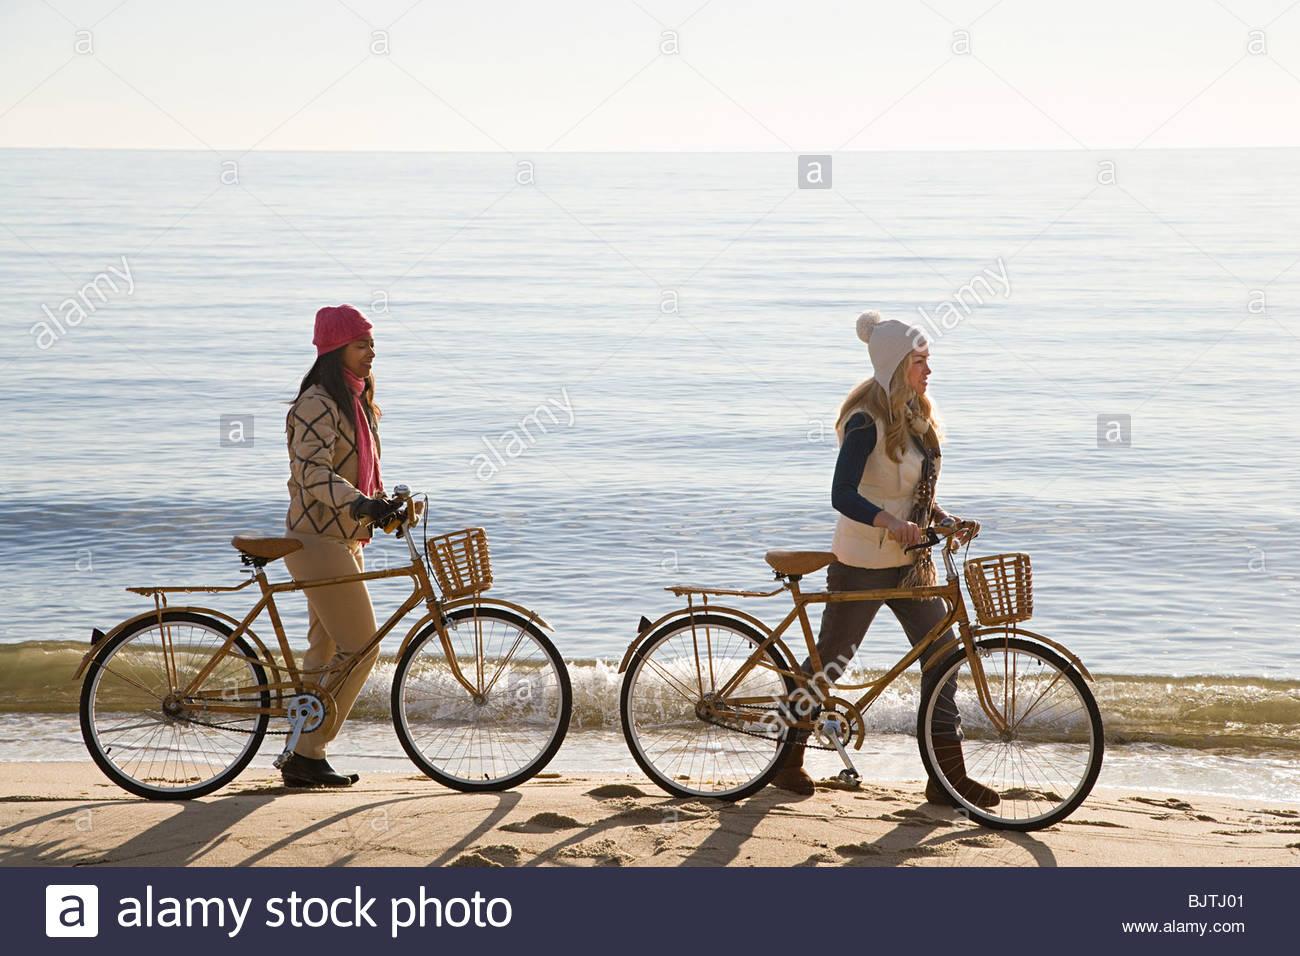 Les femmes par la mer avec des bicyclettes Photo Stock